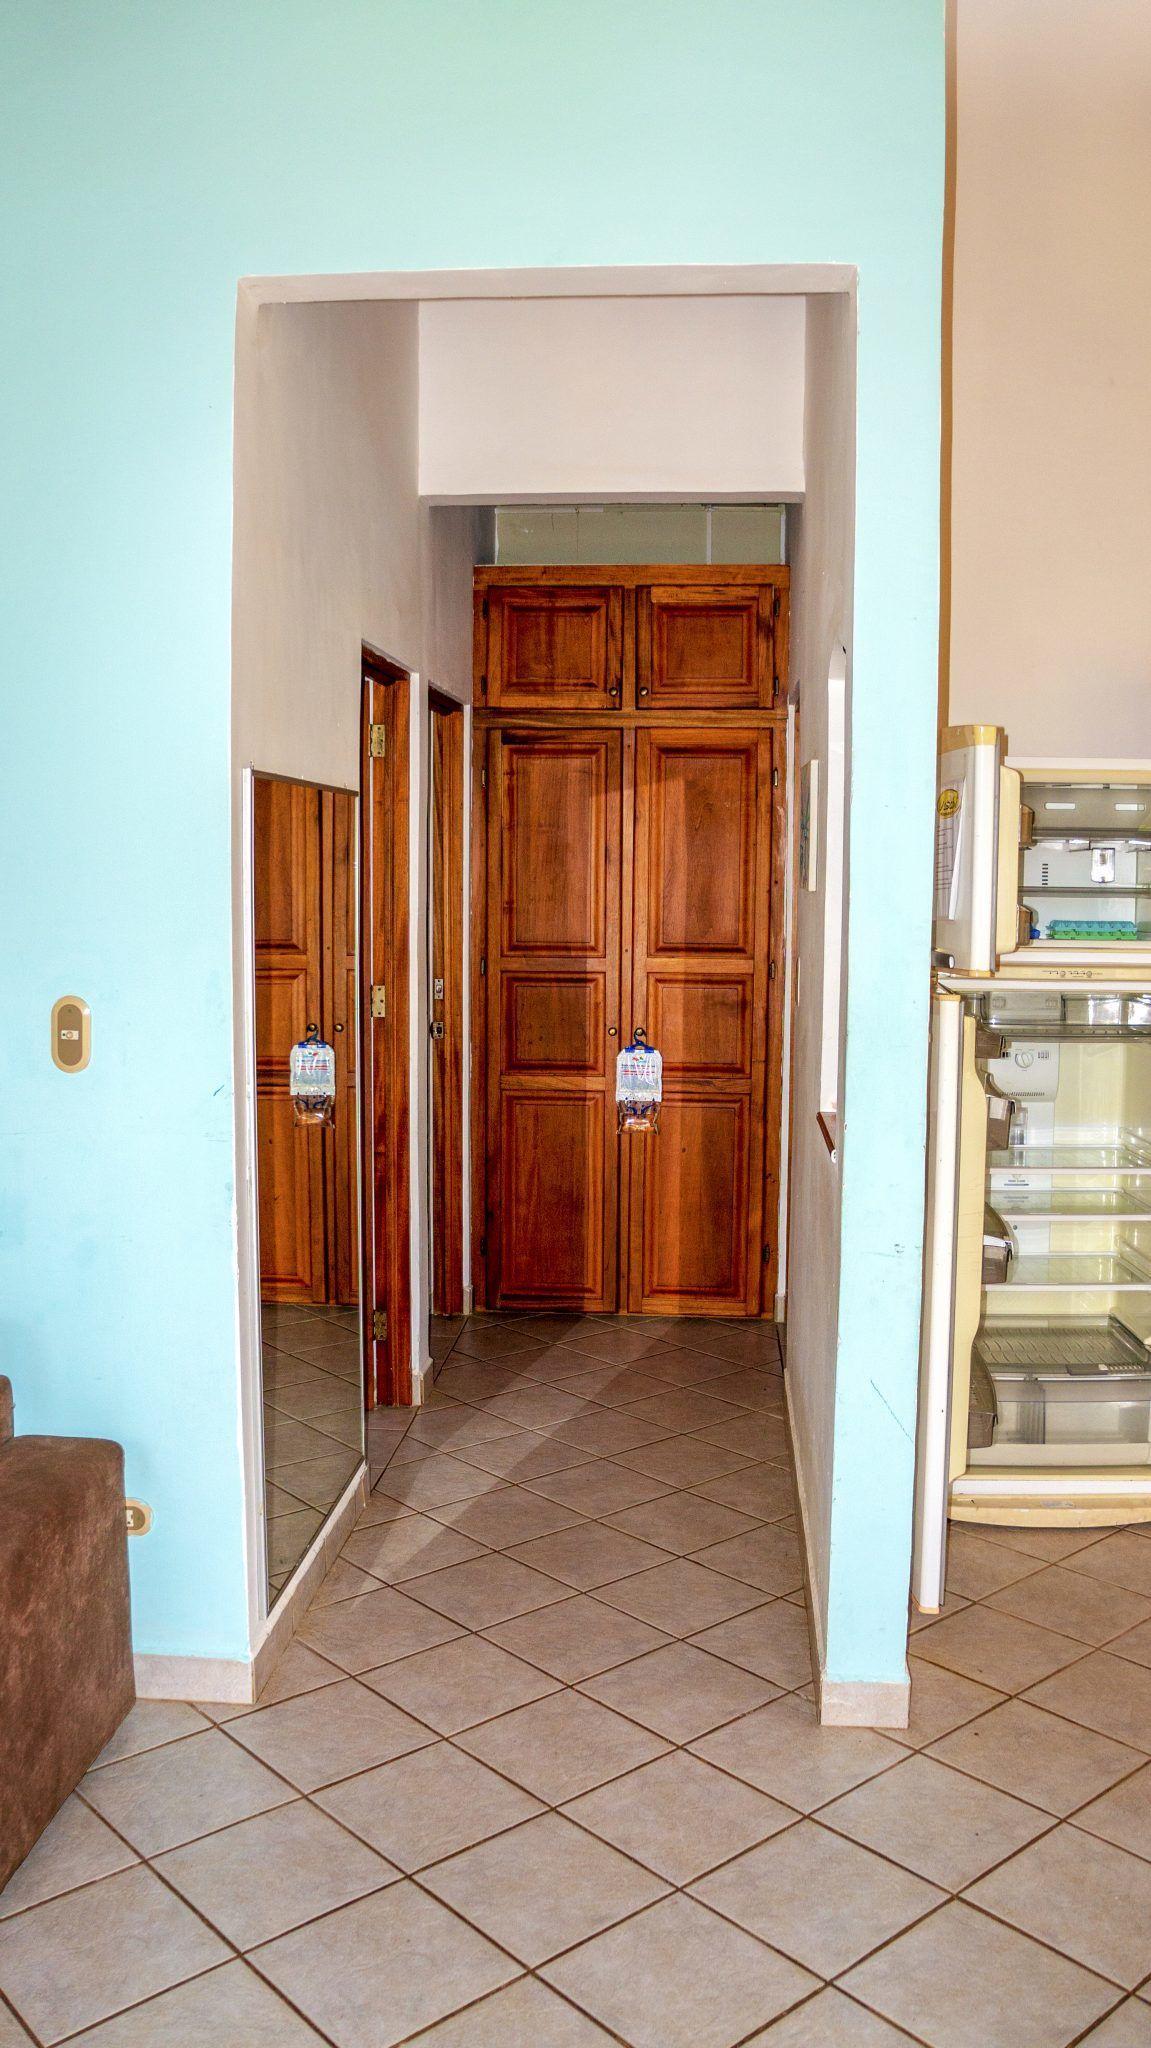 LP2 - Hallway